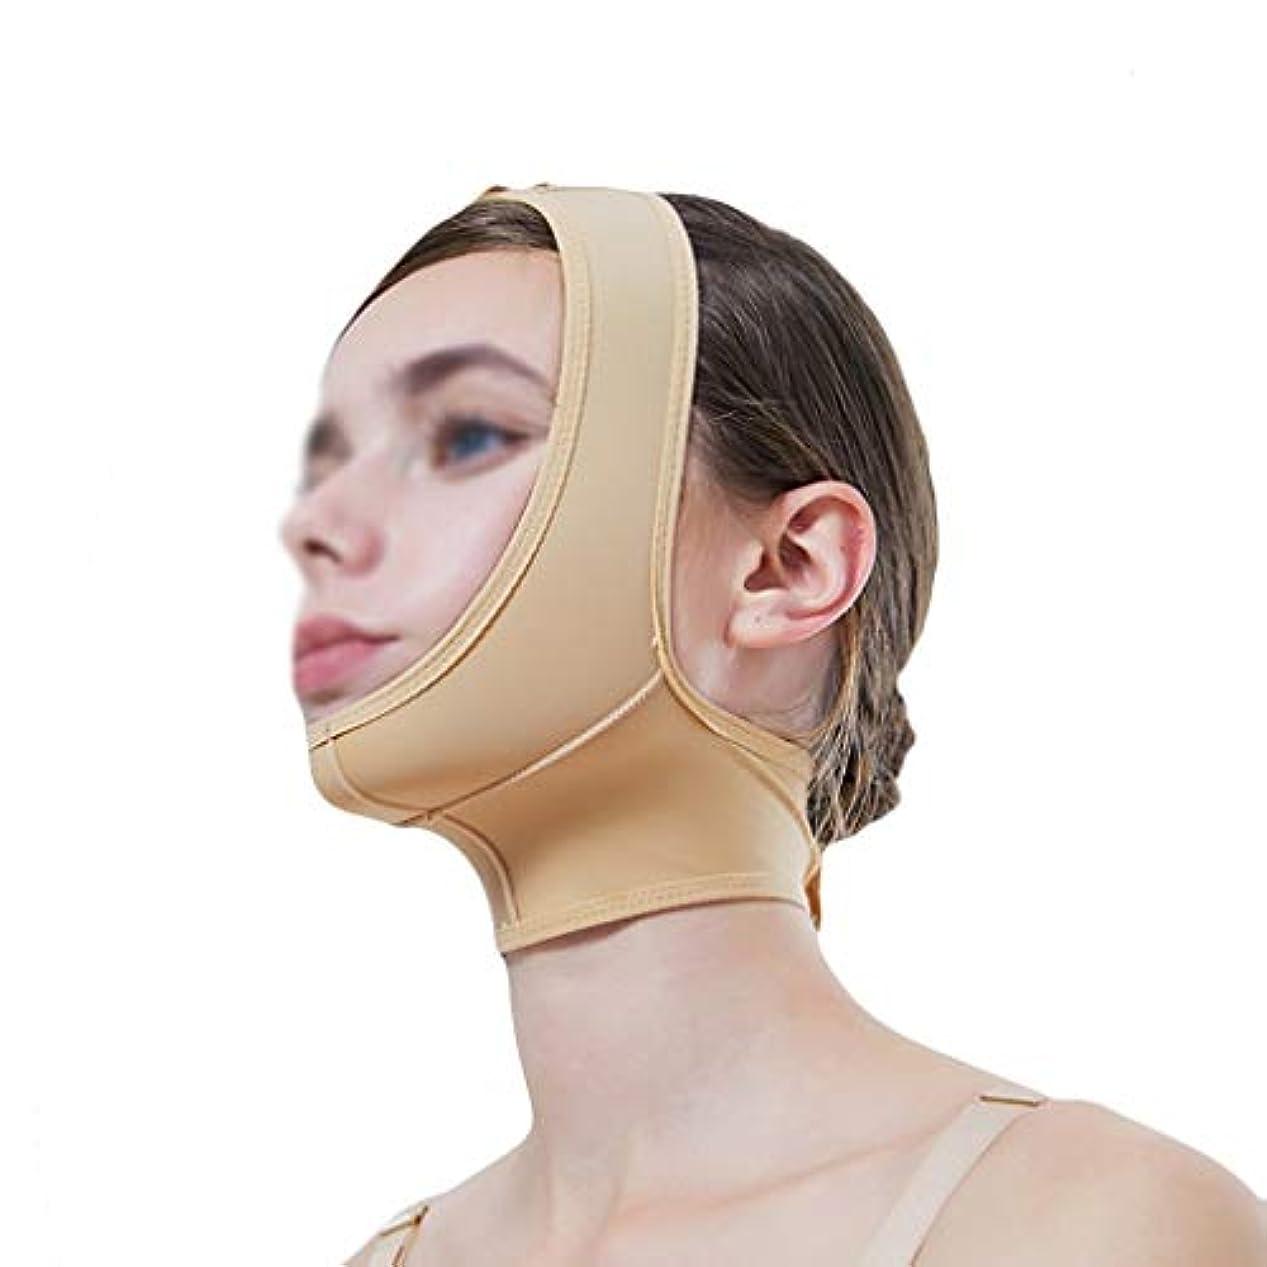 ホールの頭の上ロボットXHLMRMJ マスク、超薄型ベルト、フェイスリフティングに適しています、フェイスリフティング、通気性包帯、チンリフティングベルト、超薄型ベルト、通気性 (Size : S)